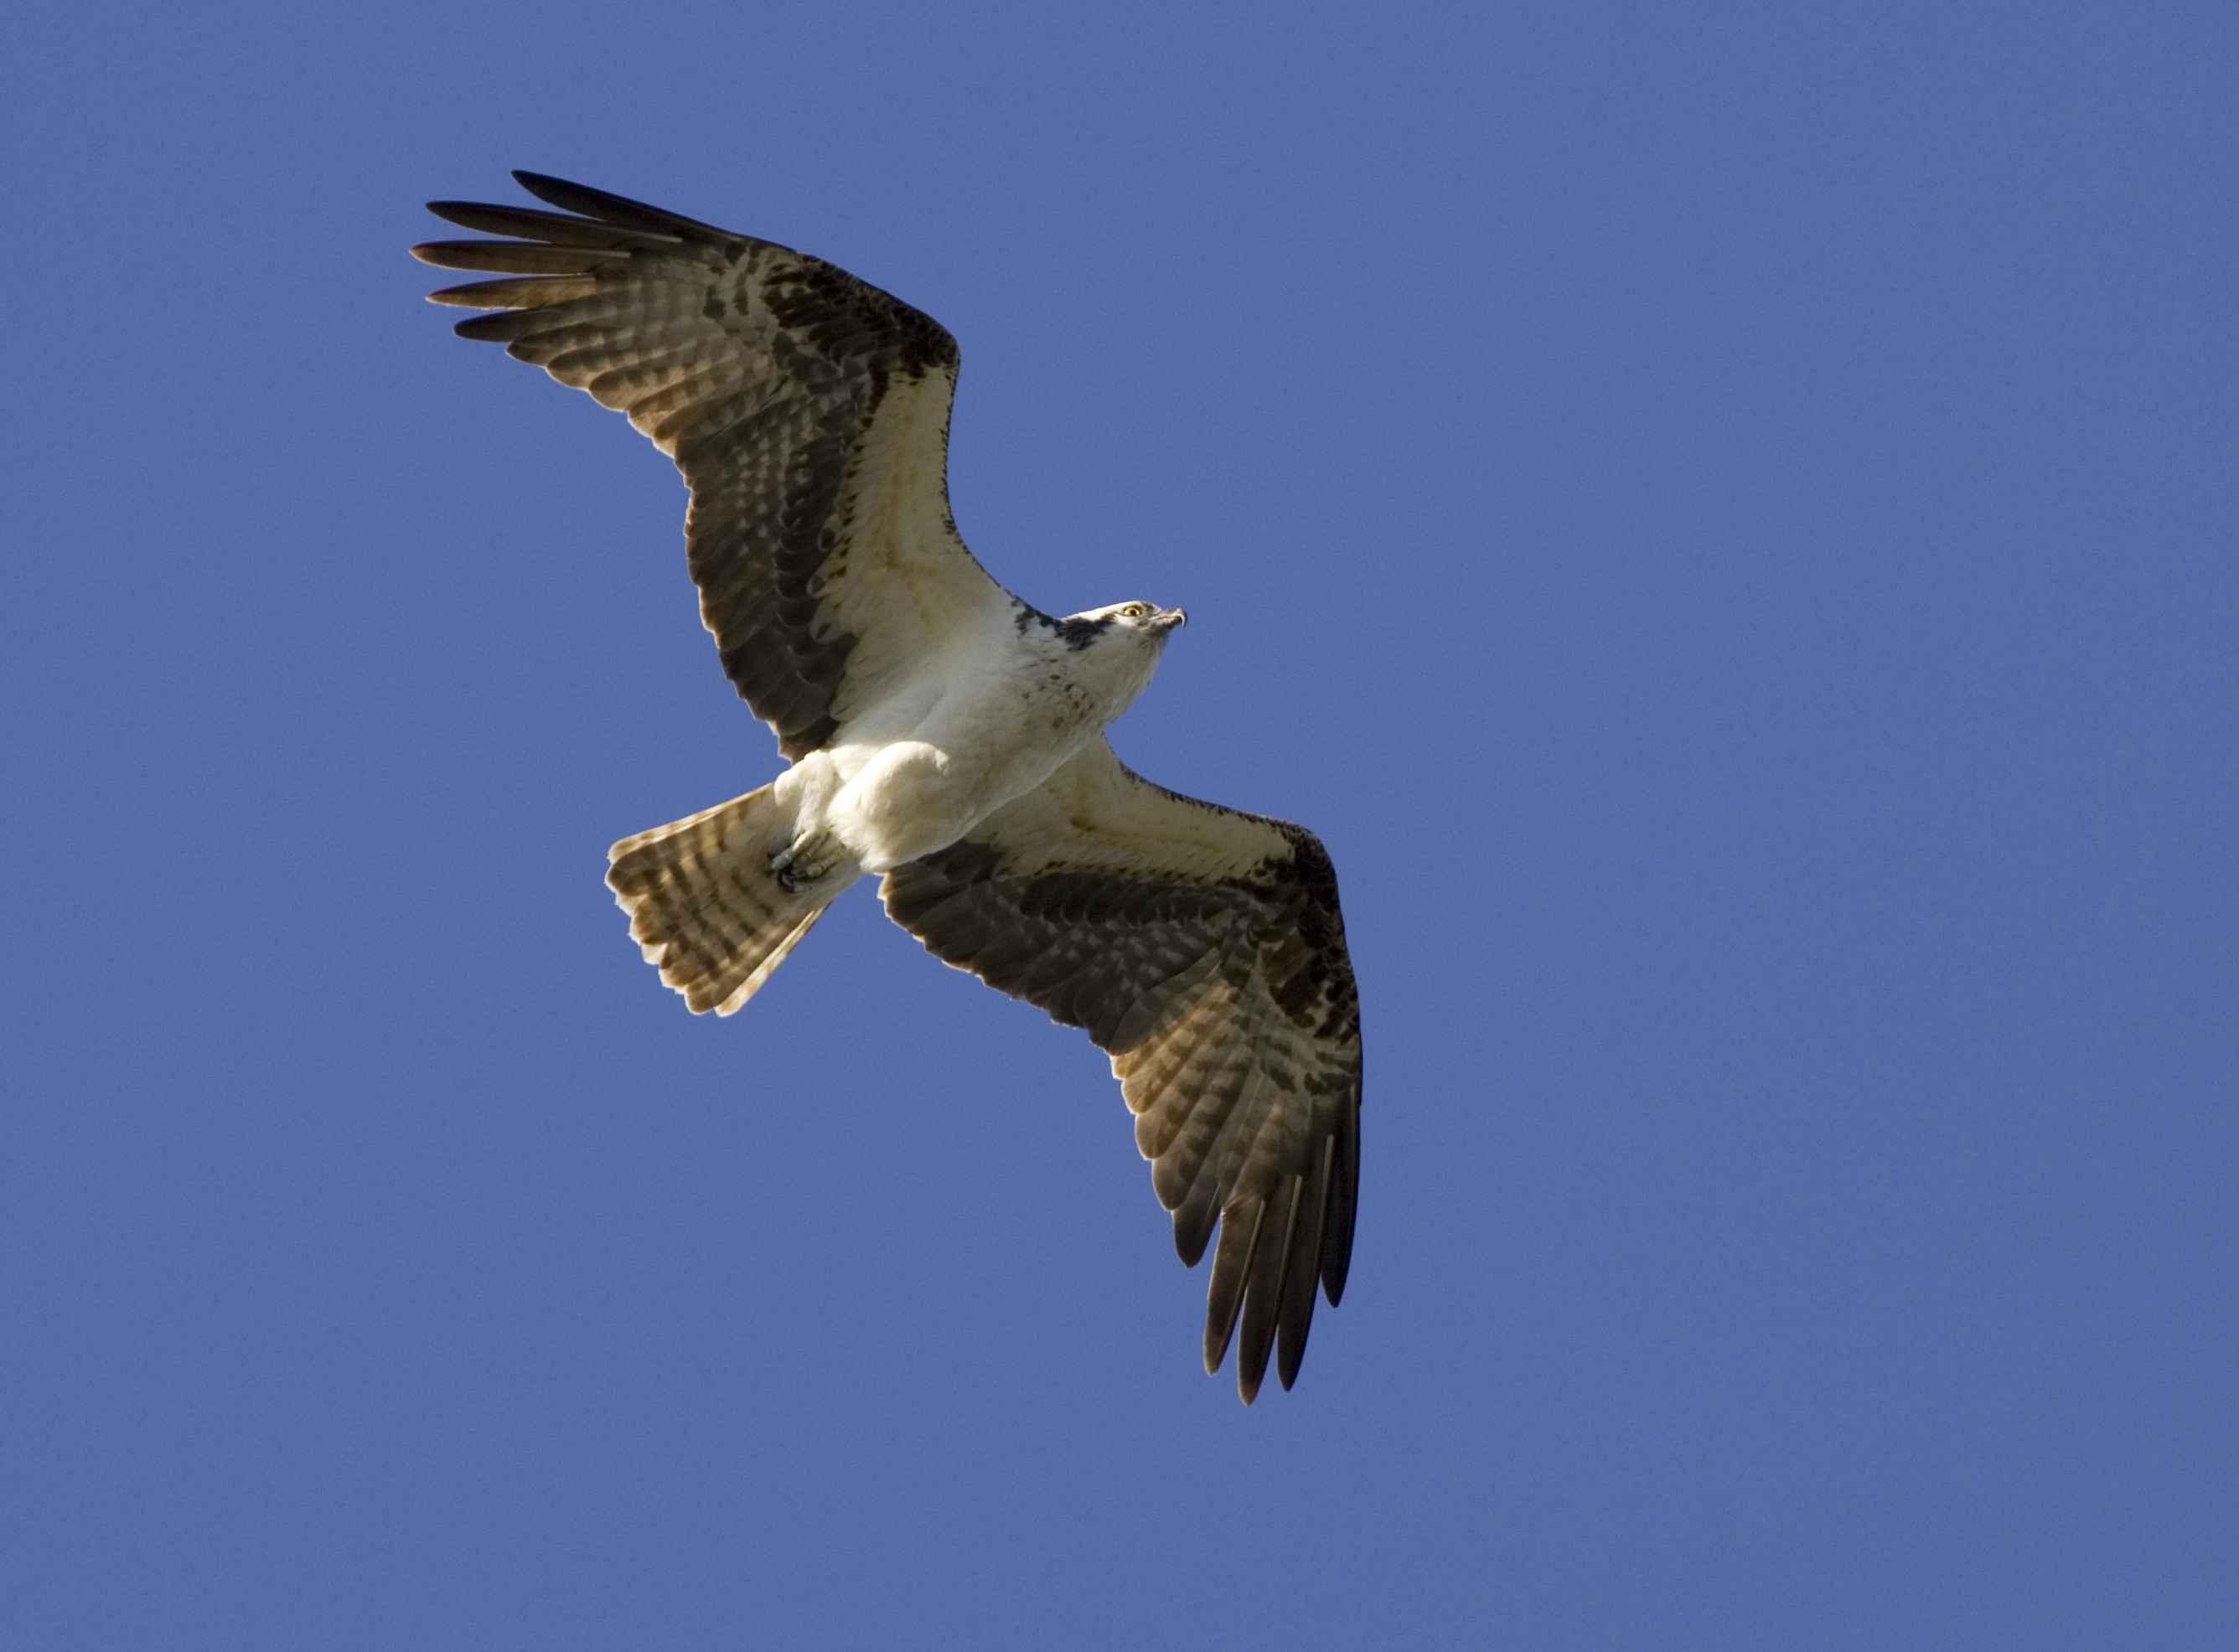 Gambar Gratis Osprey Burung Penerbangan